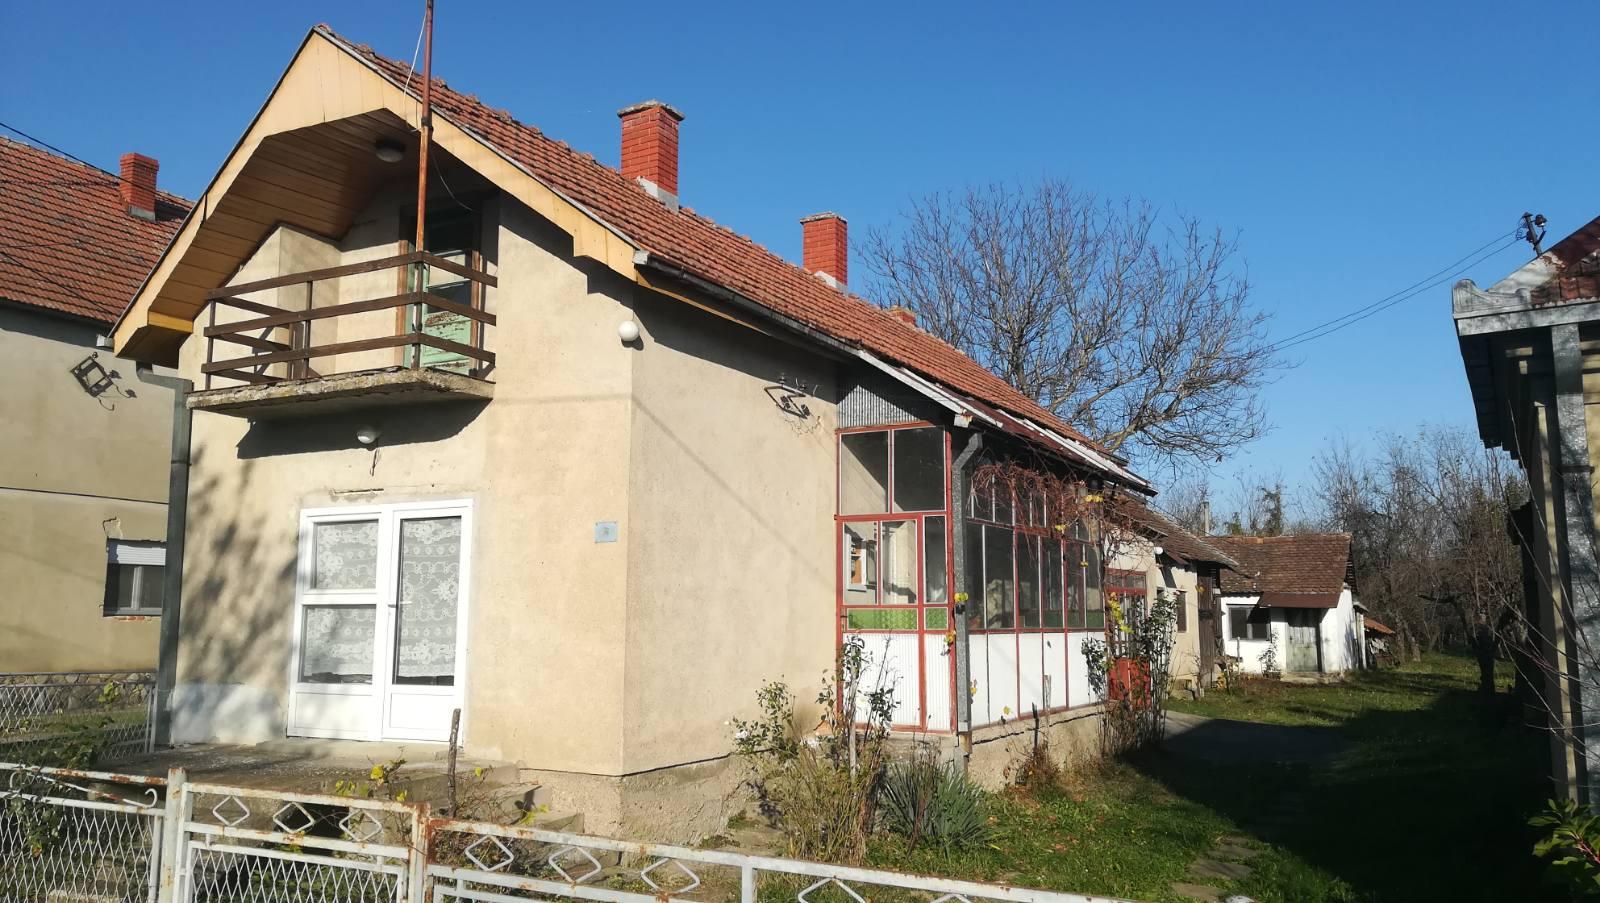 Prodajem dve kuće u Dudovici  opština Lazarevac  vlasnik